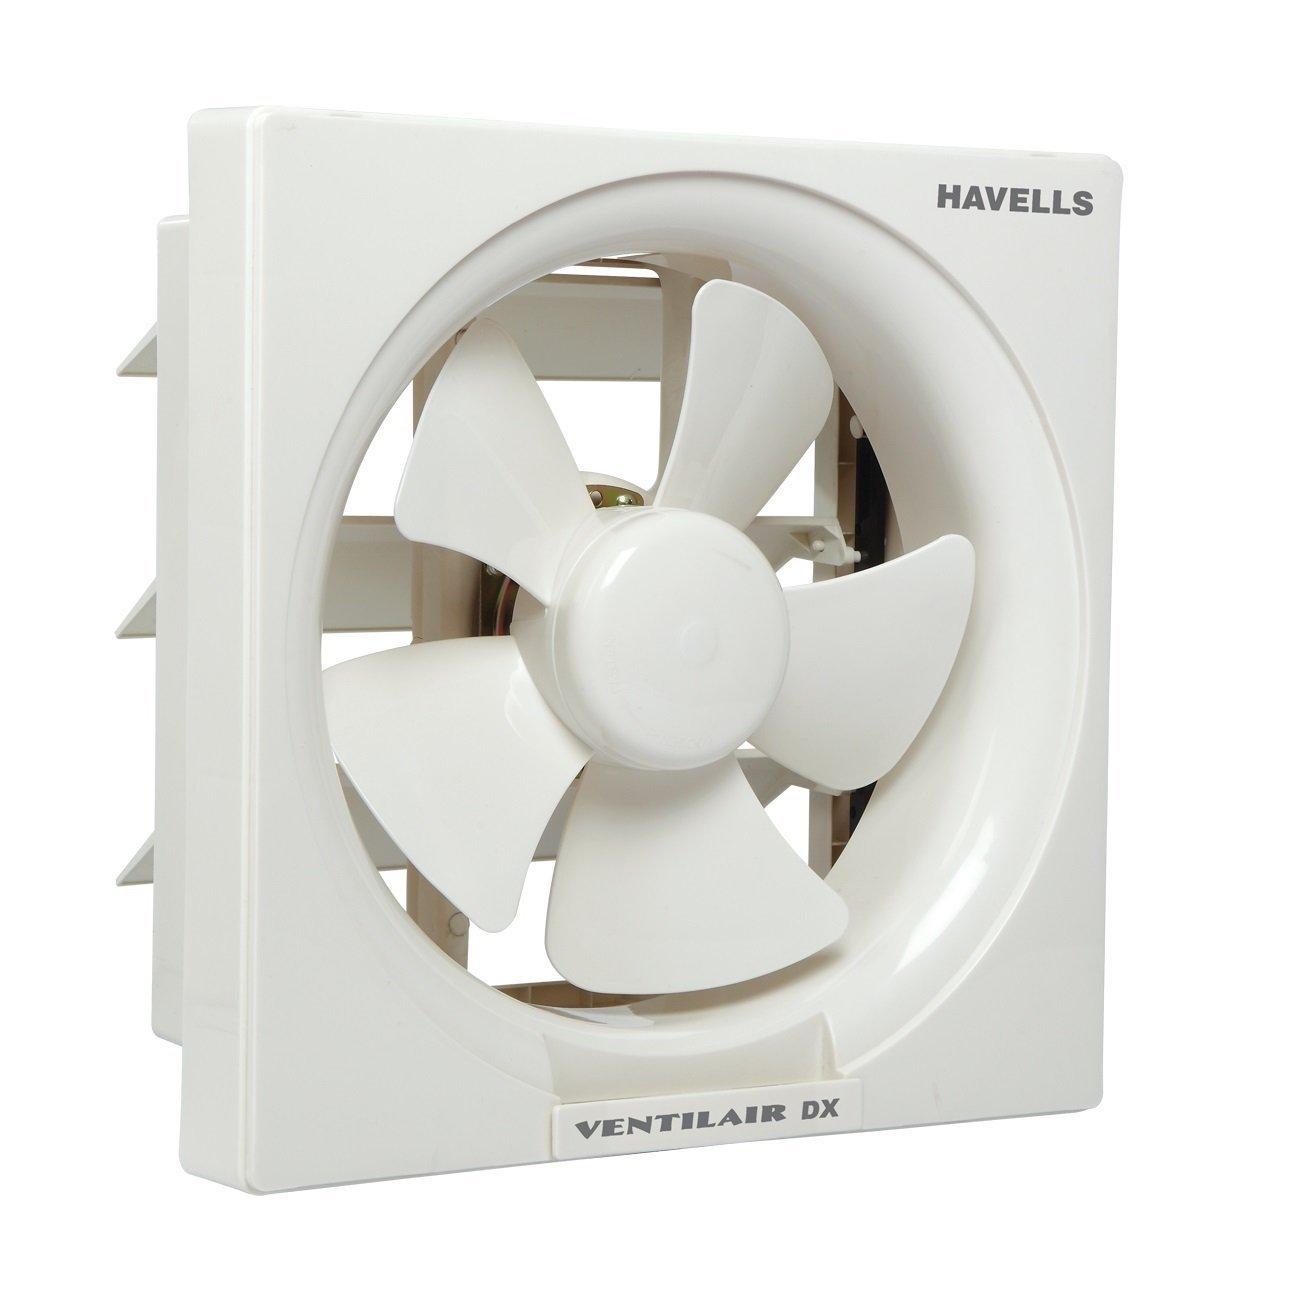 Exhaust fan havells